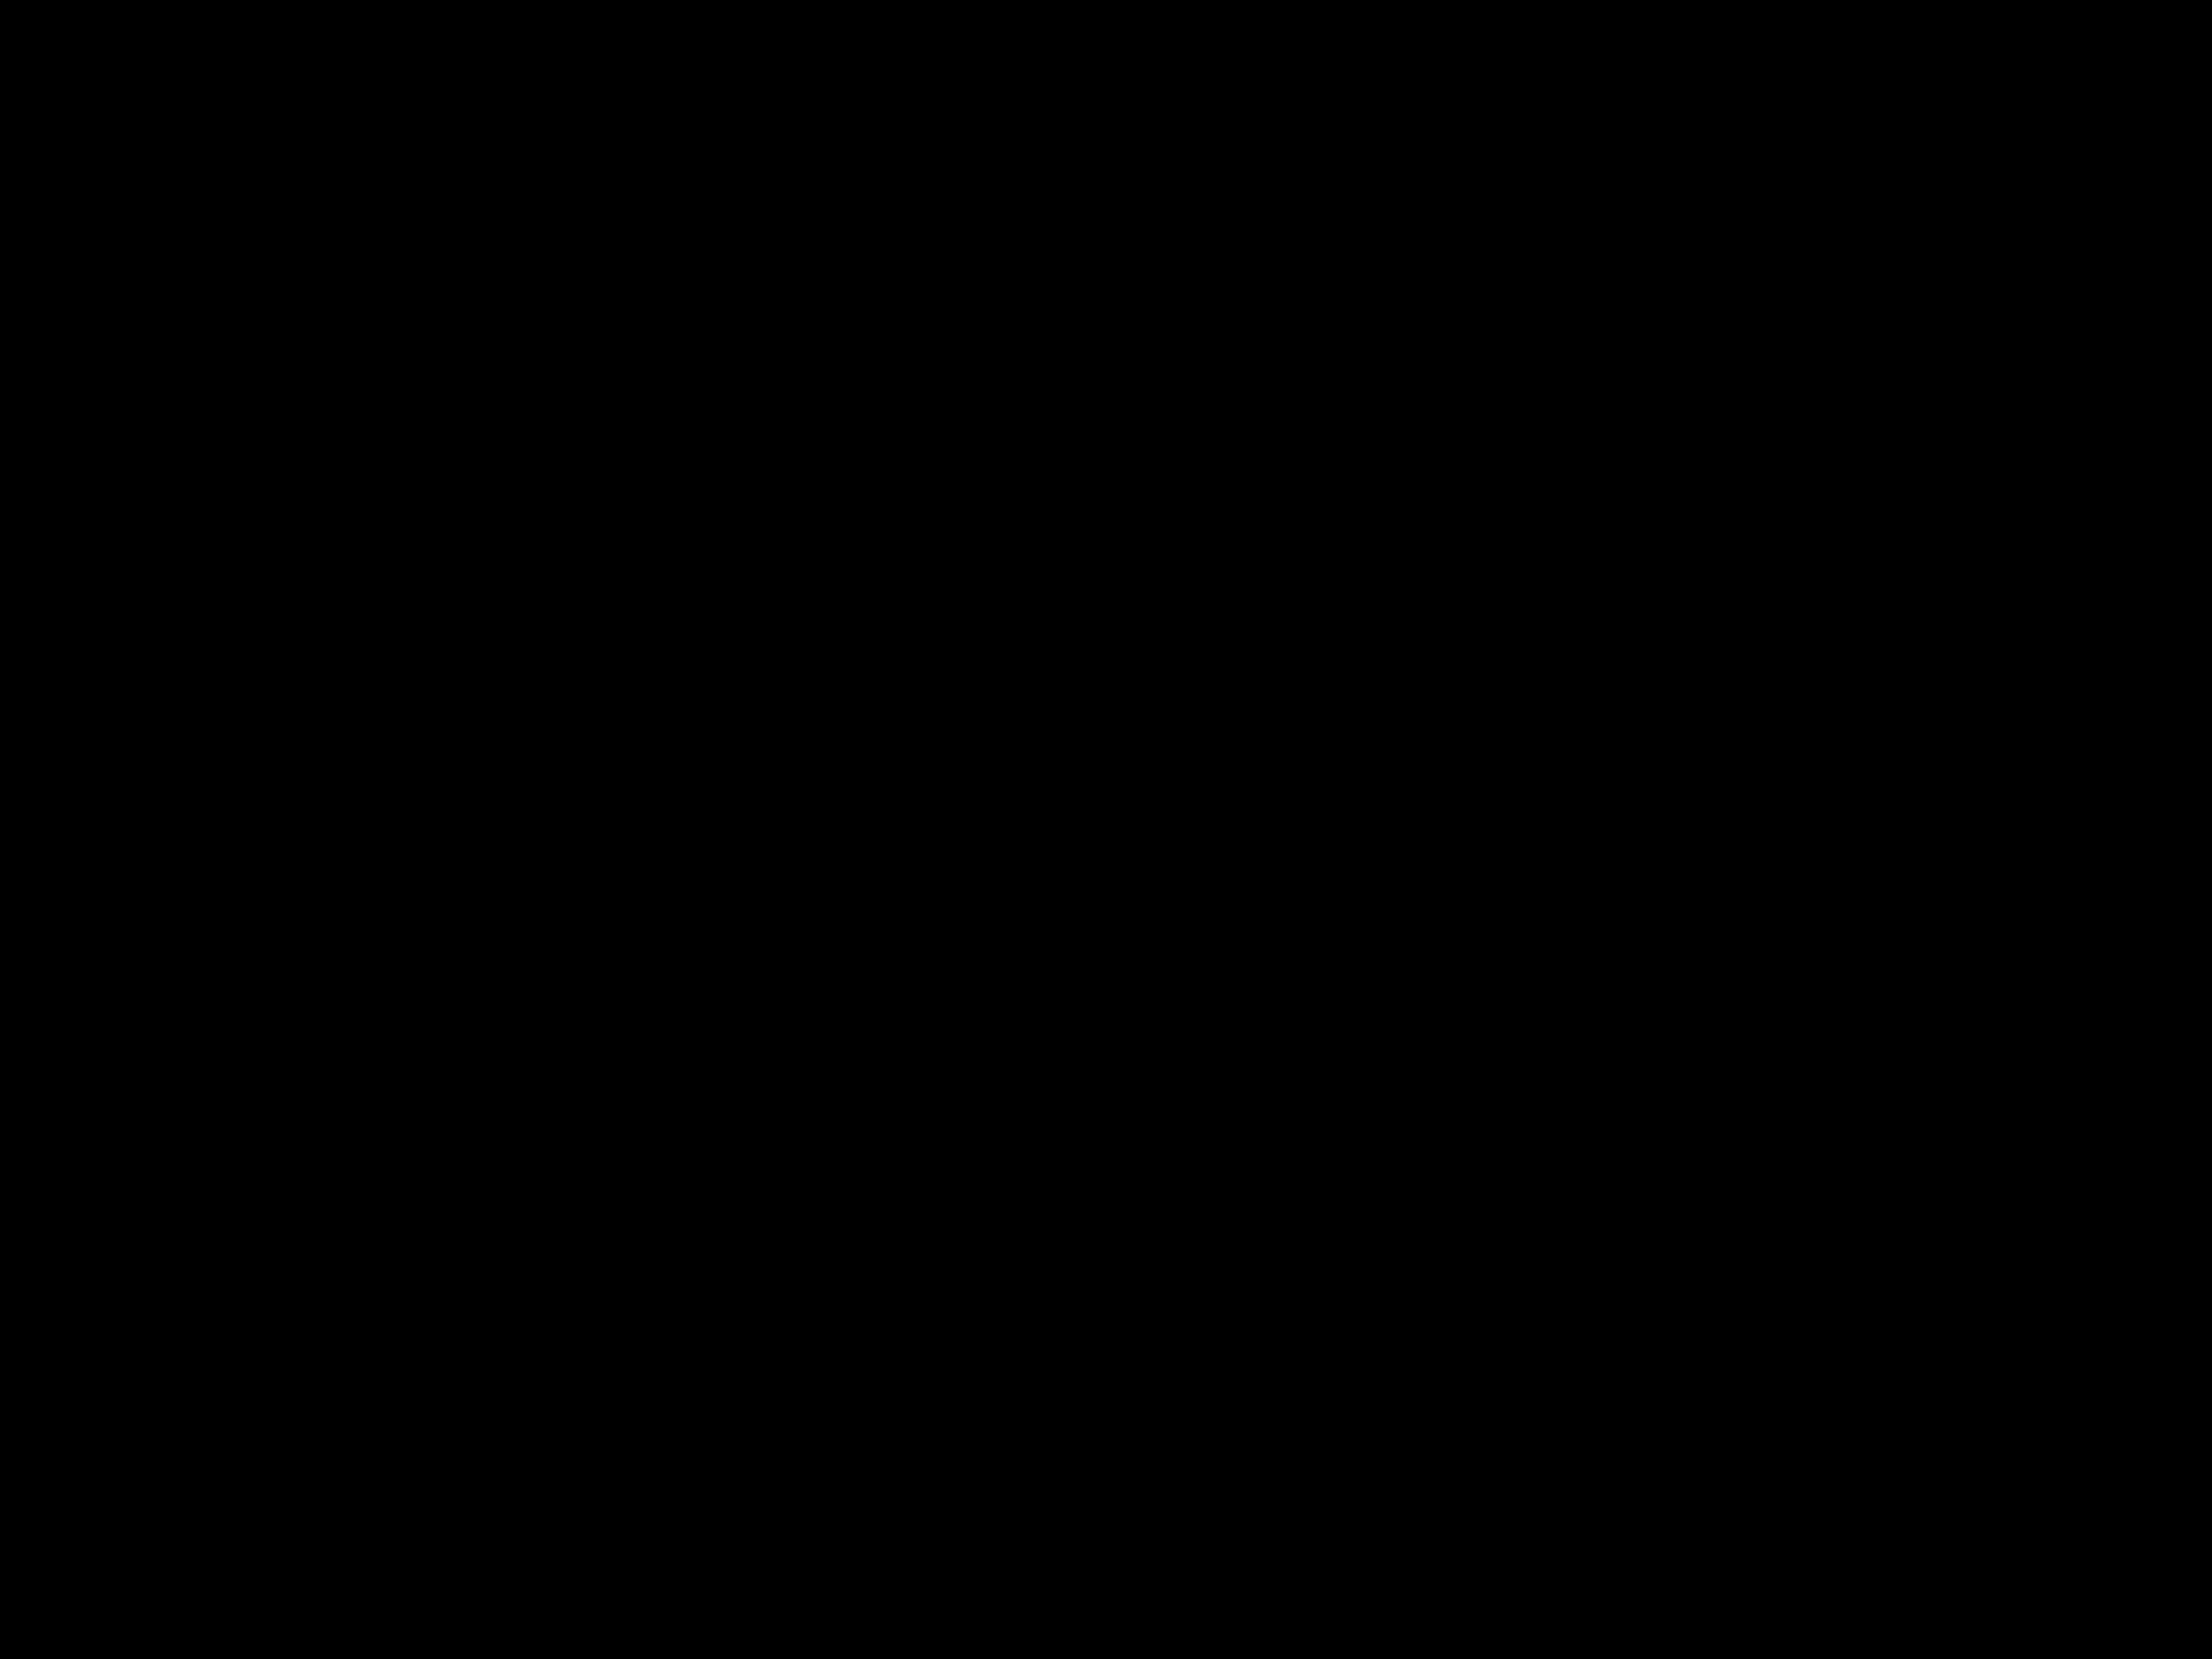 Student Evaluation of Instruction Analysis CSUB